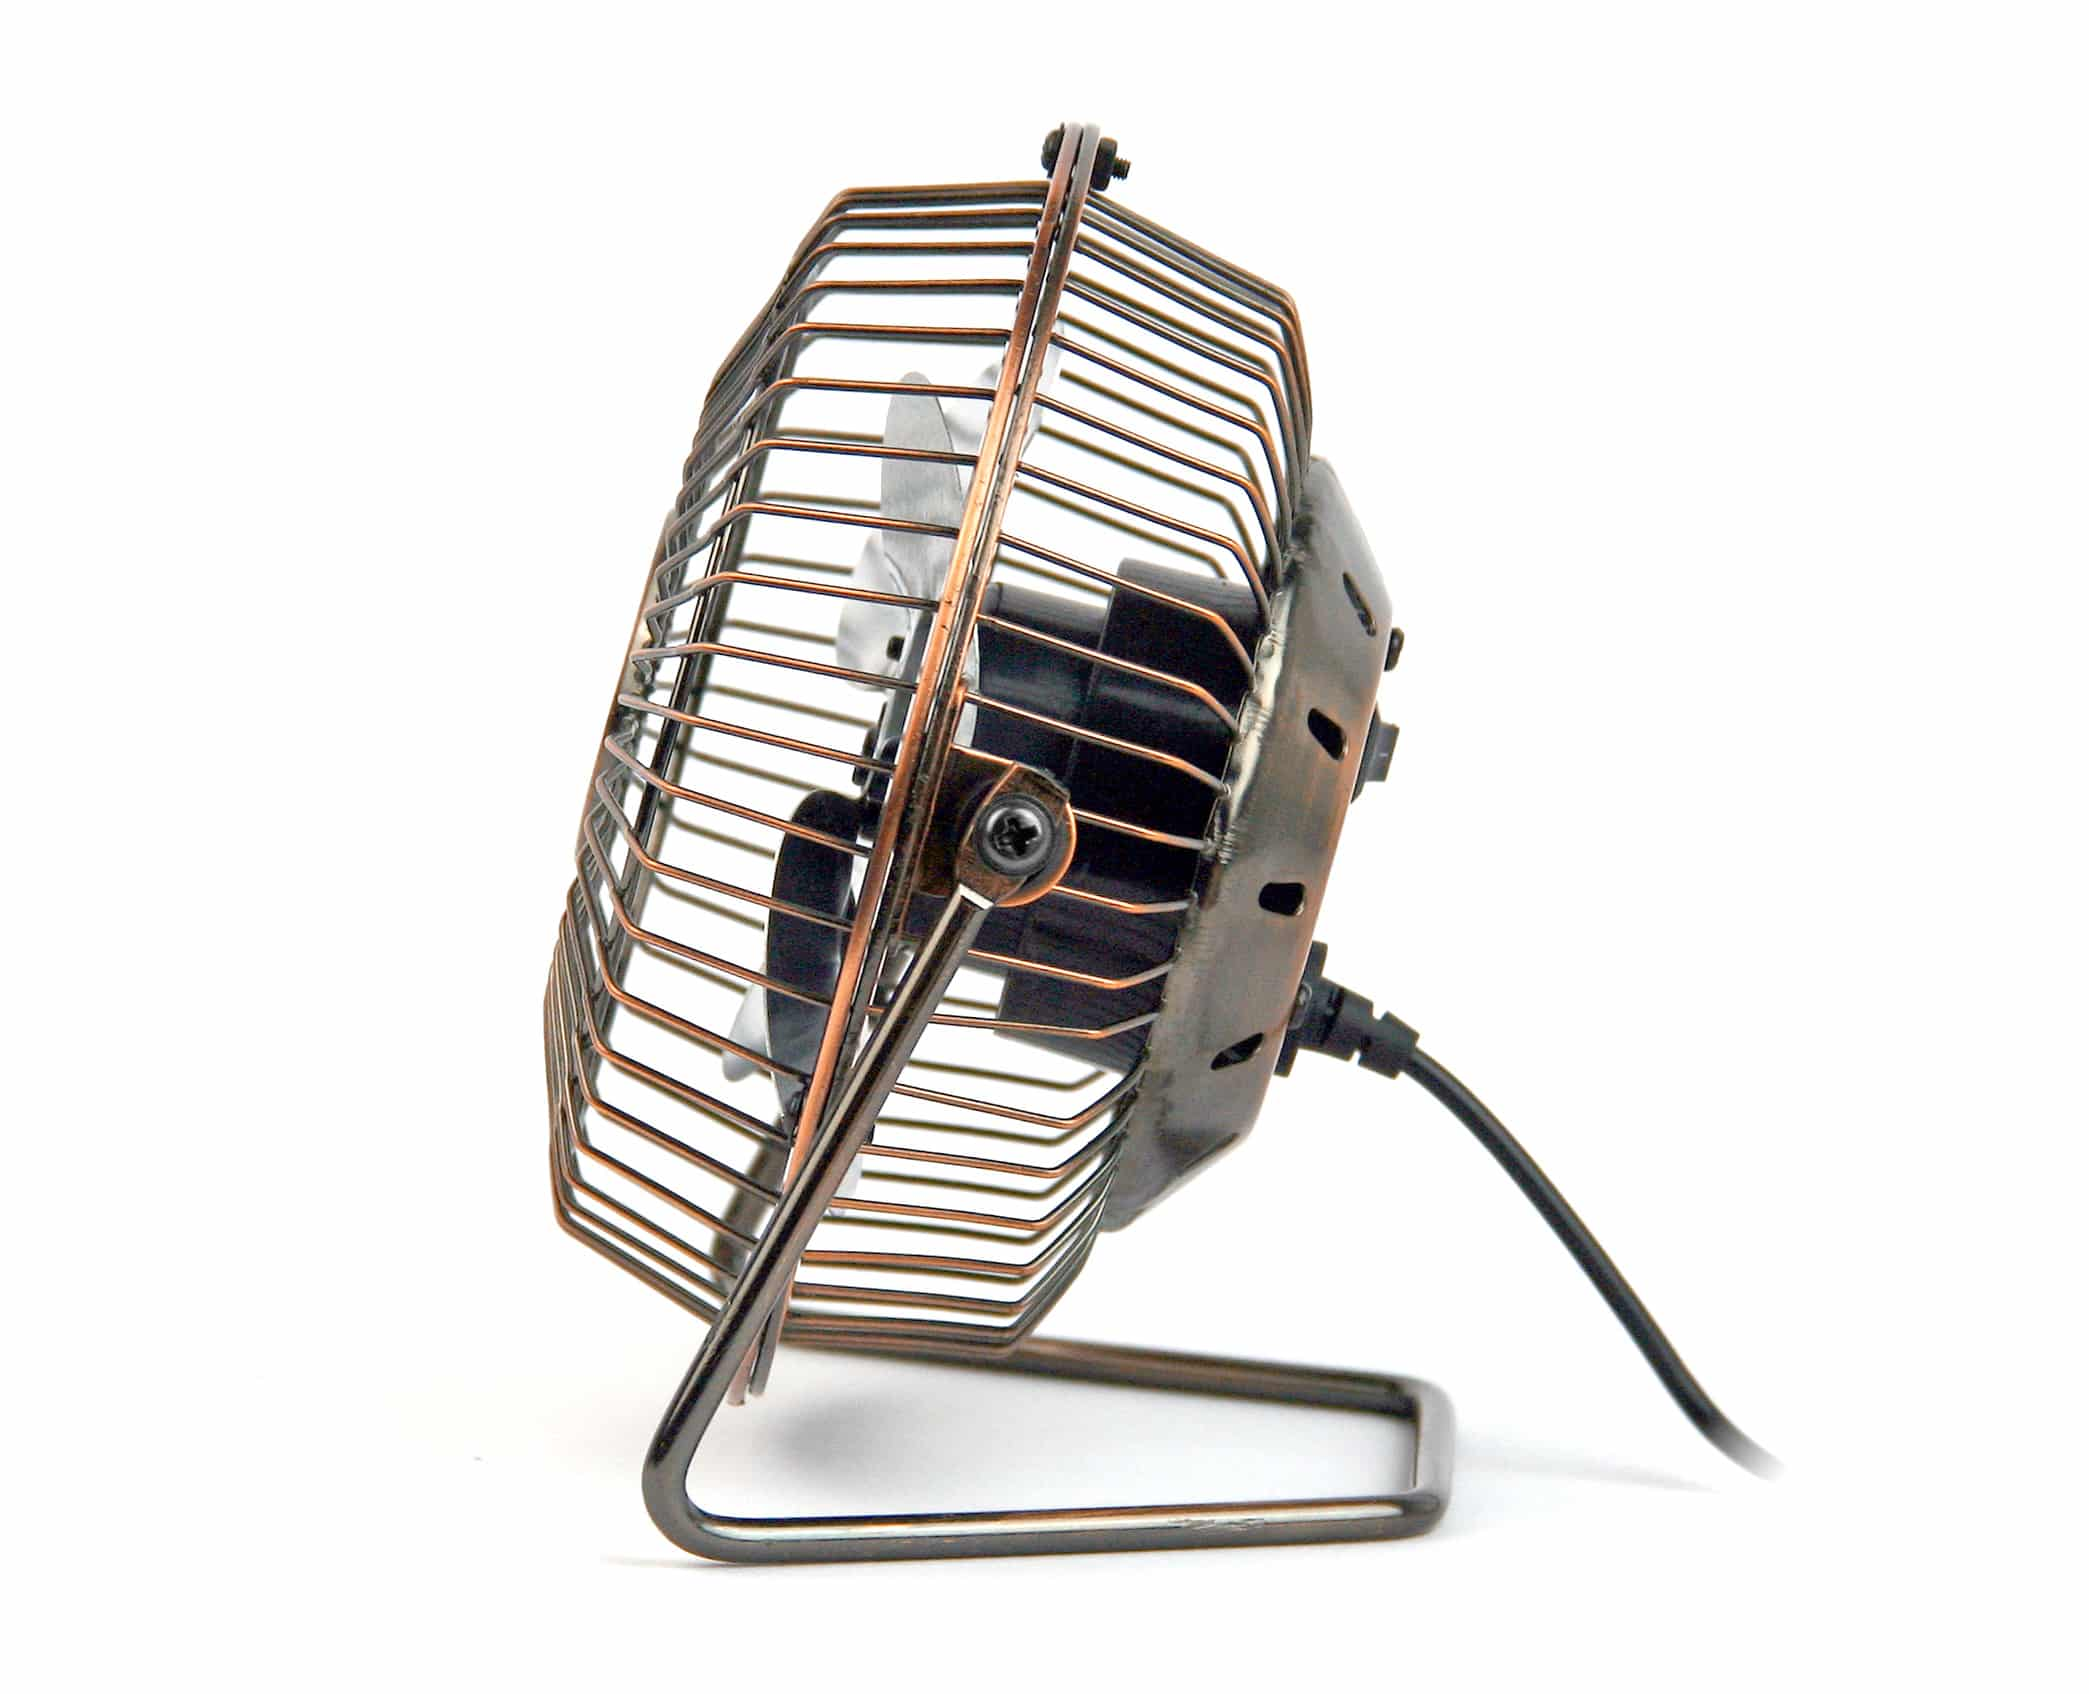 Ventilateur bureau usb super insolite - Ventilateur de bureau usb ...